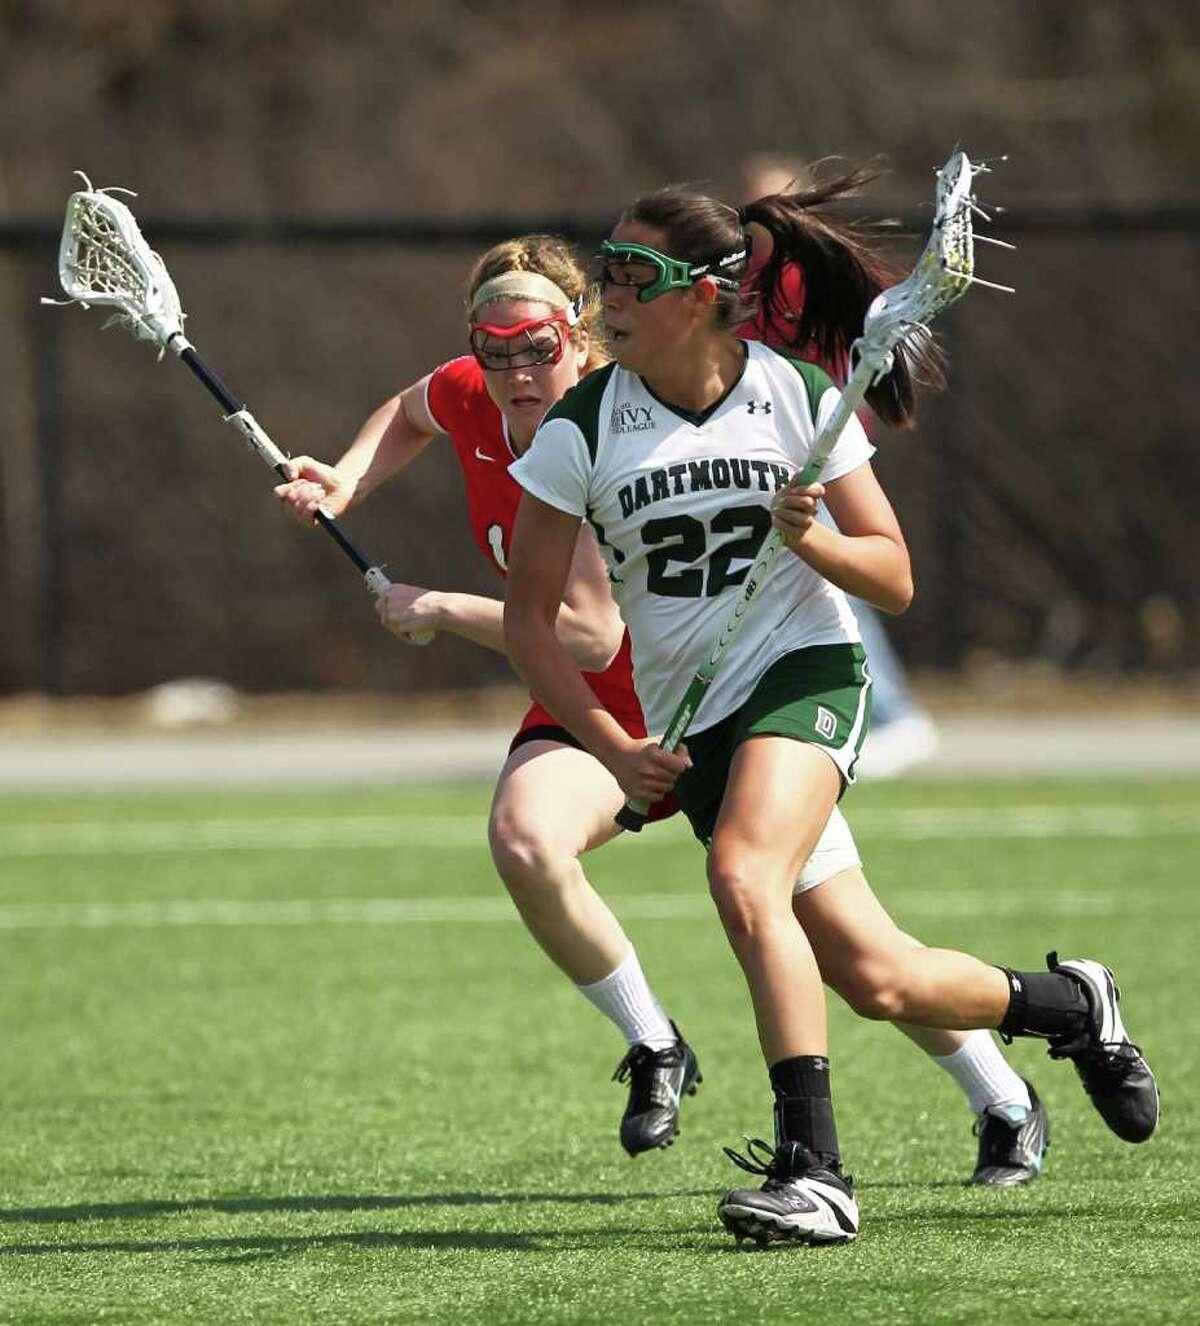 Dartmouth University's Hana Bowers.